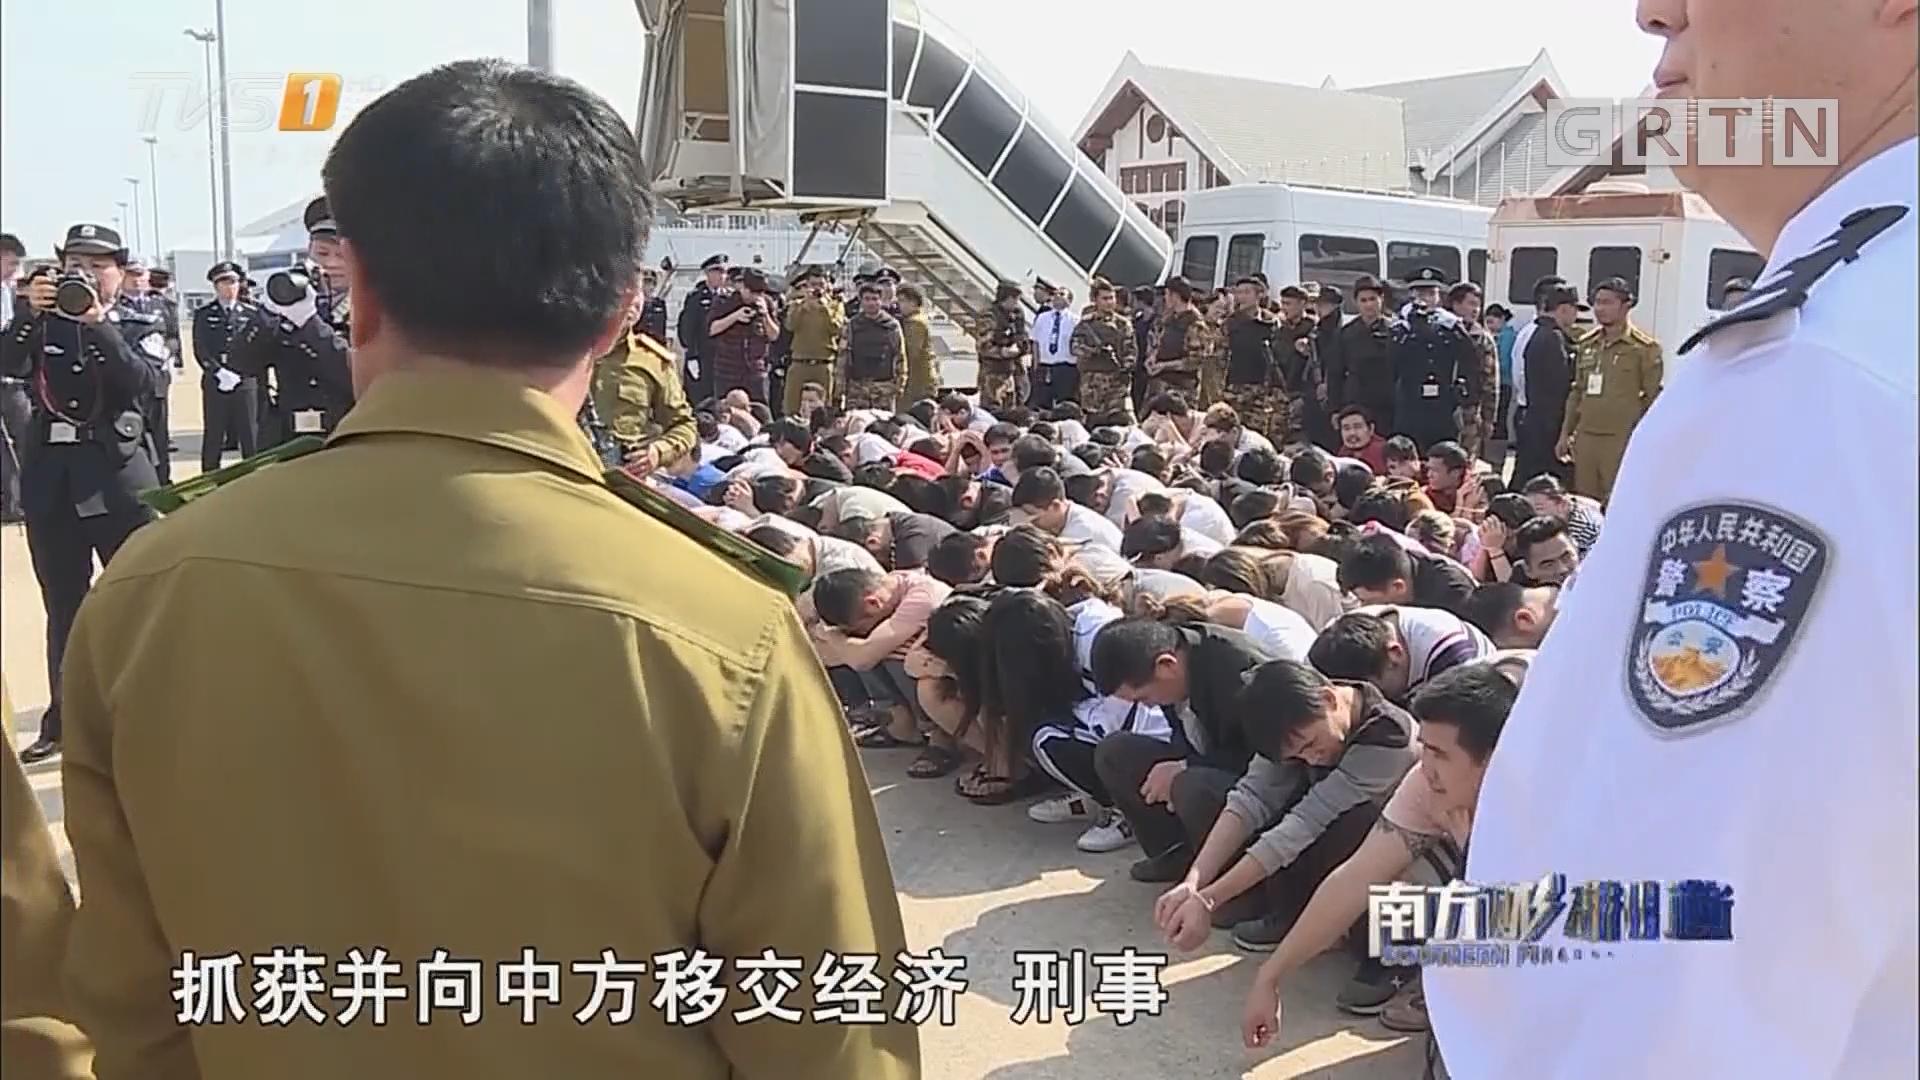 老挝警方向中方移交联合侦破电信诈骗案191名犯罪嫌疑人